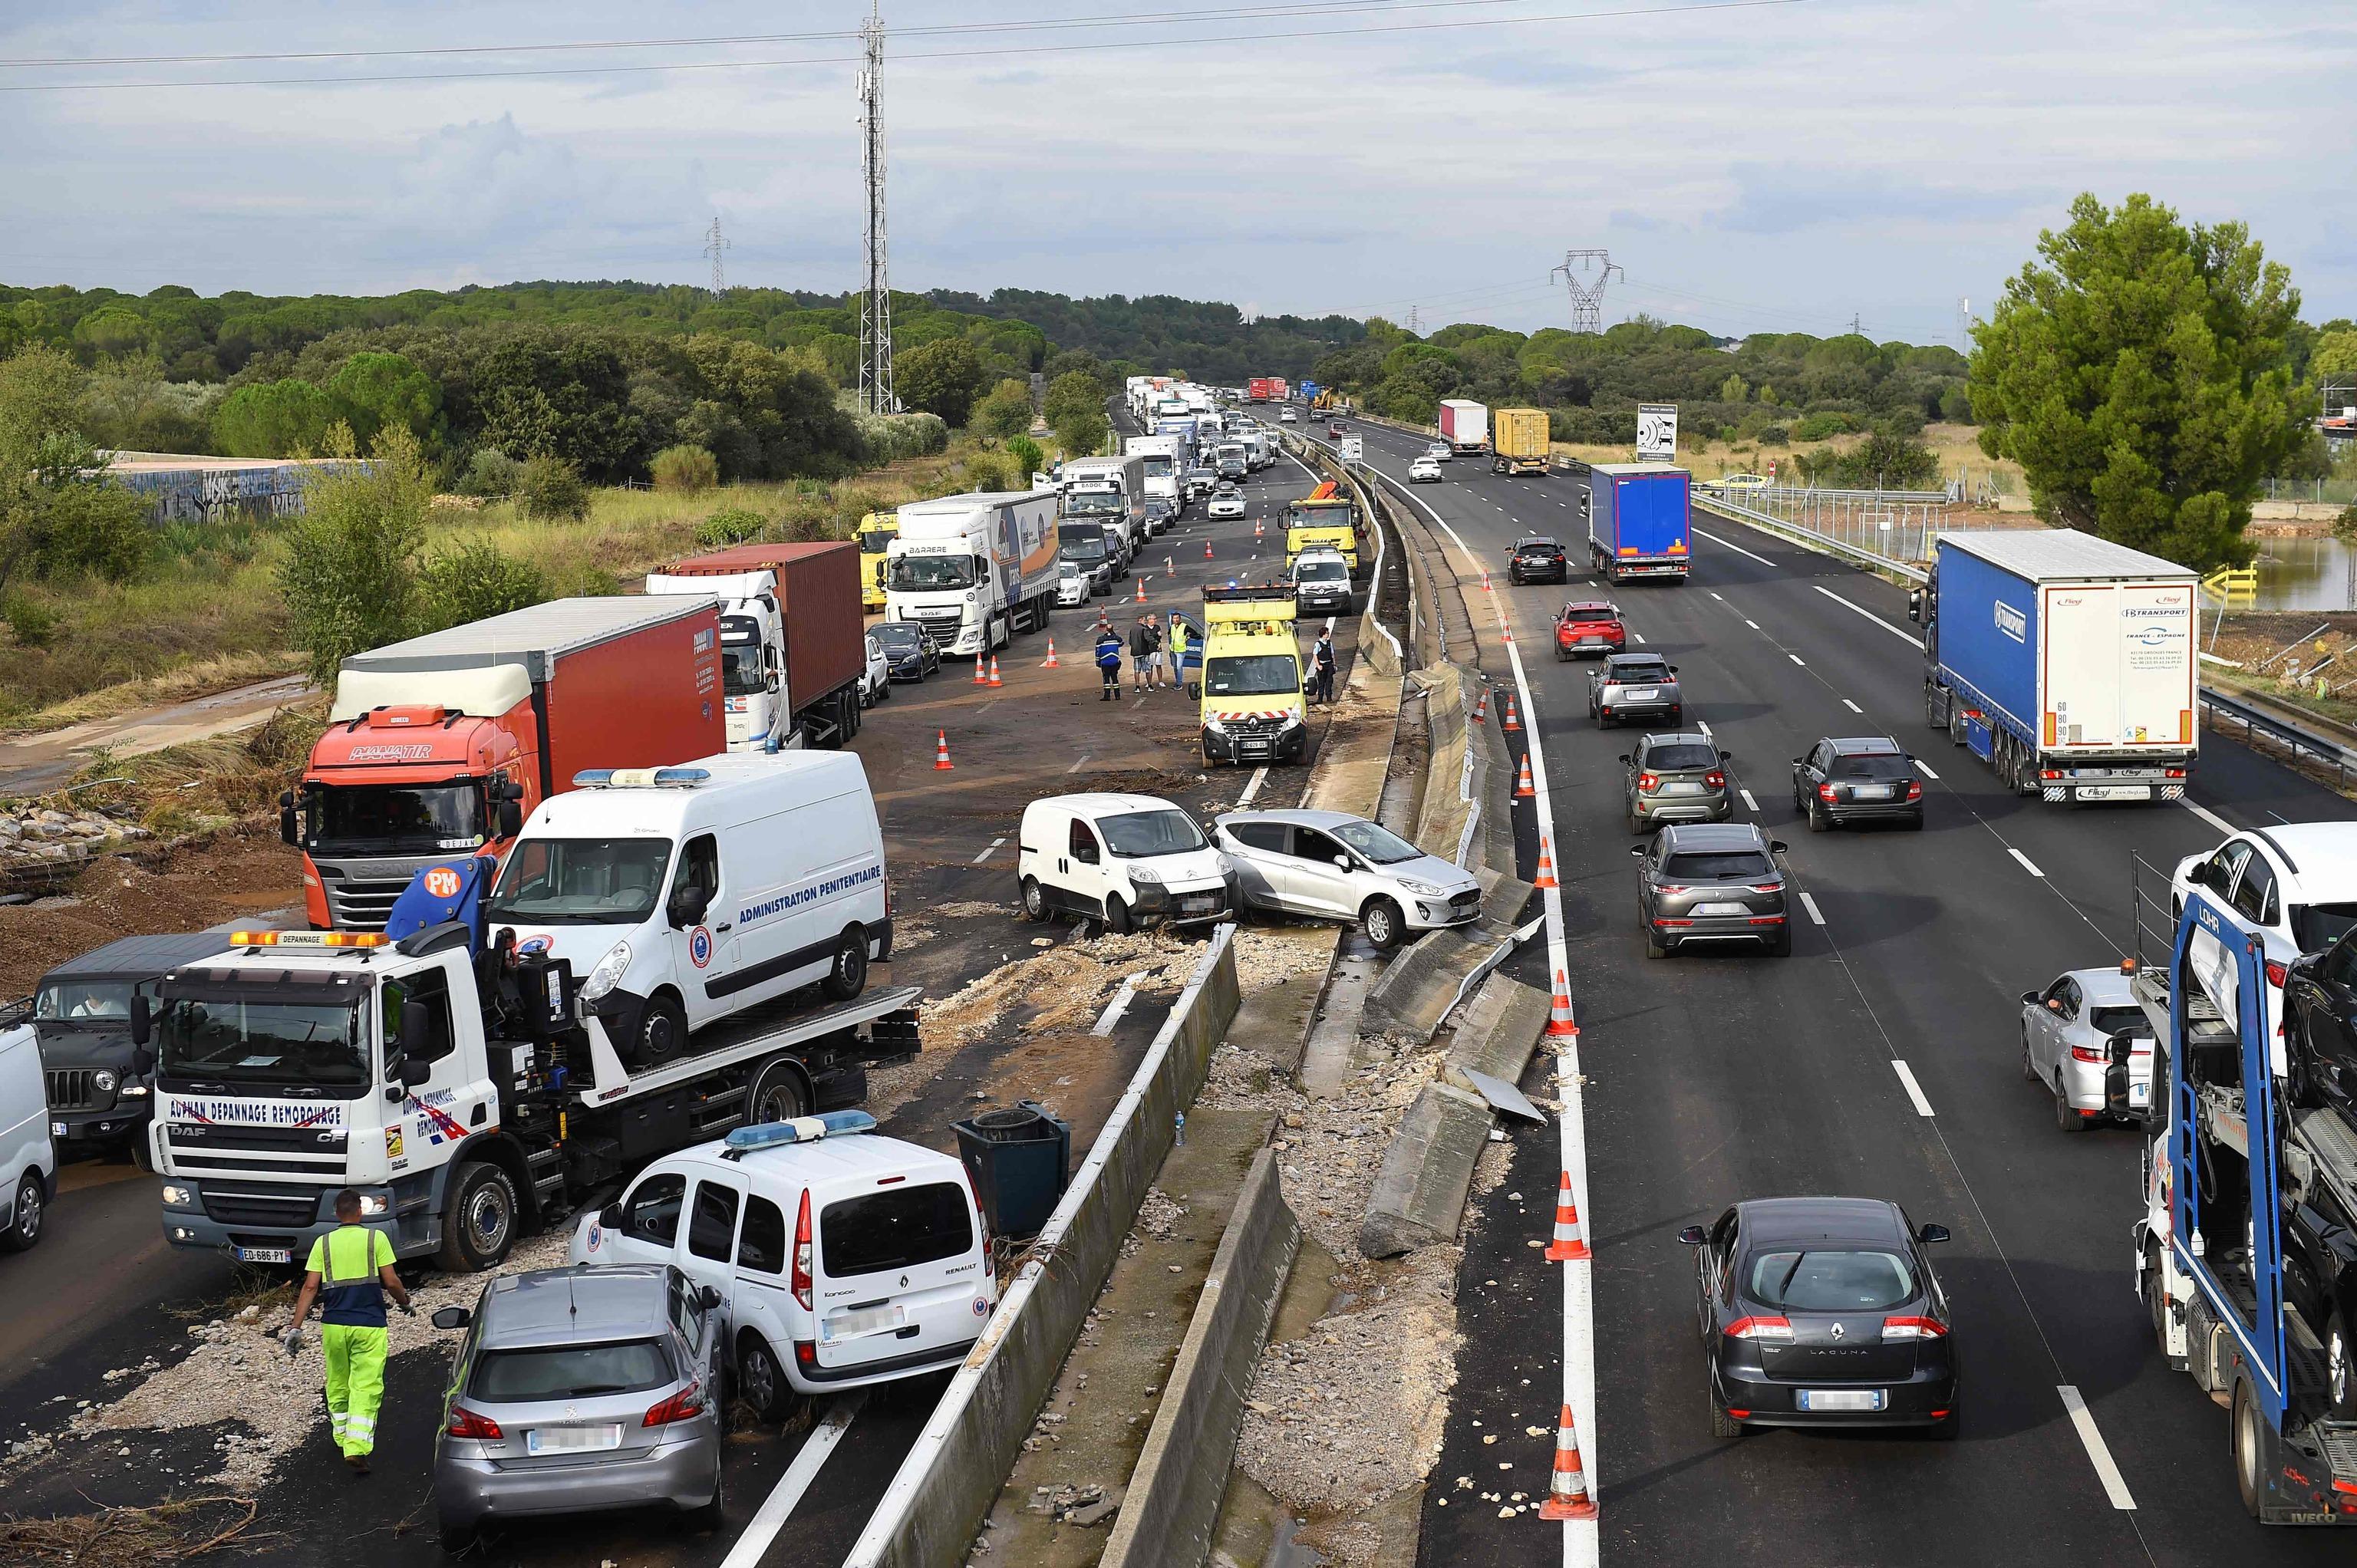 Vehículos colisionados por las inundaciones en Francia.